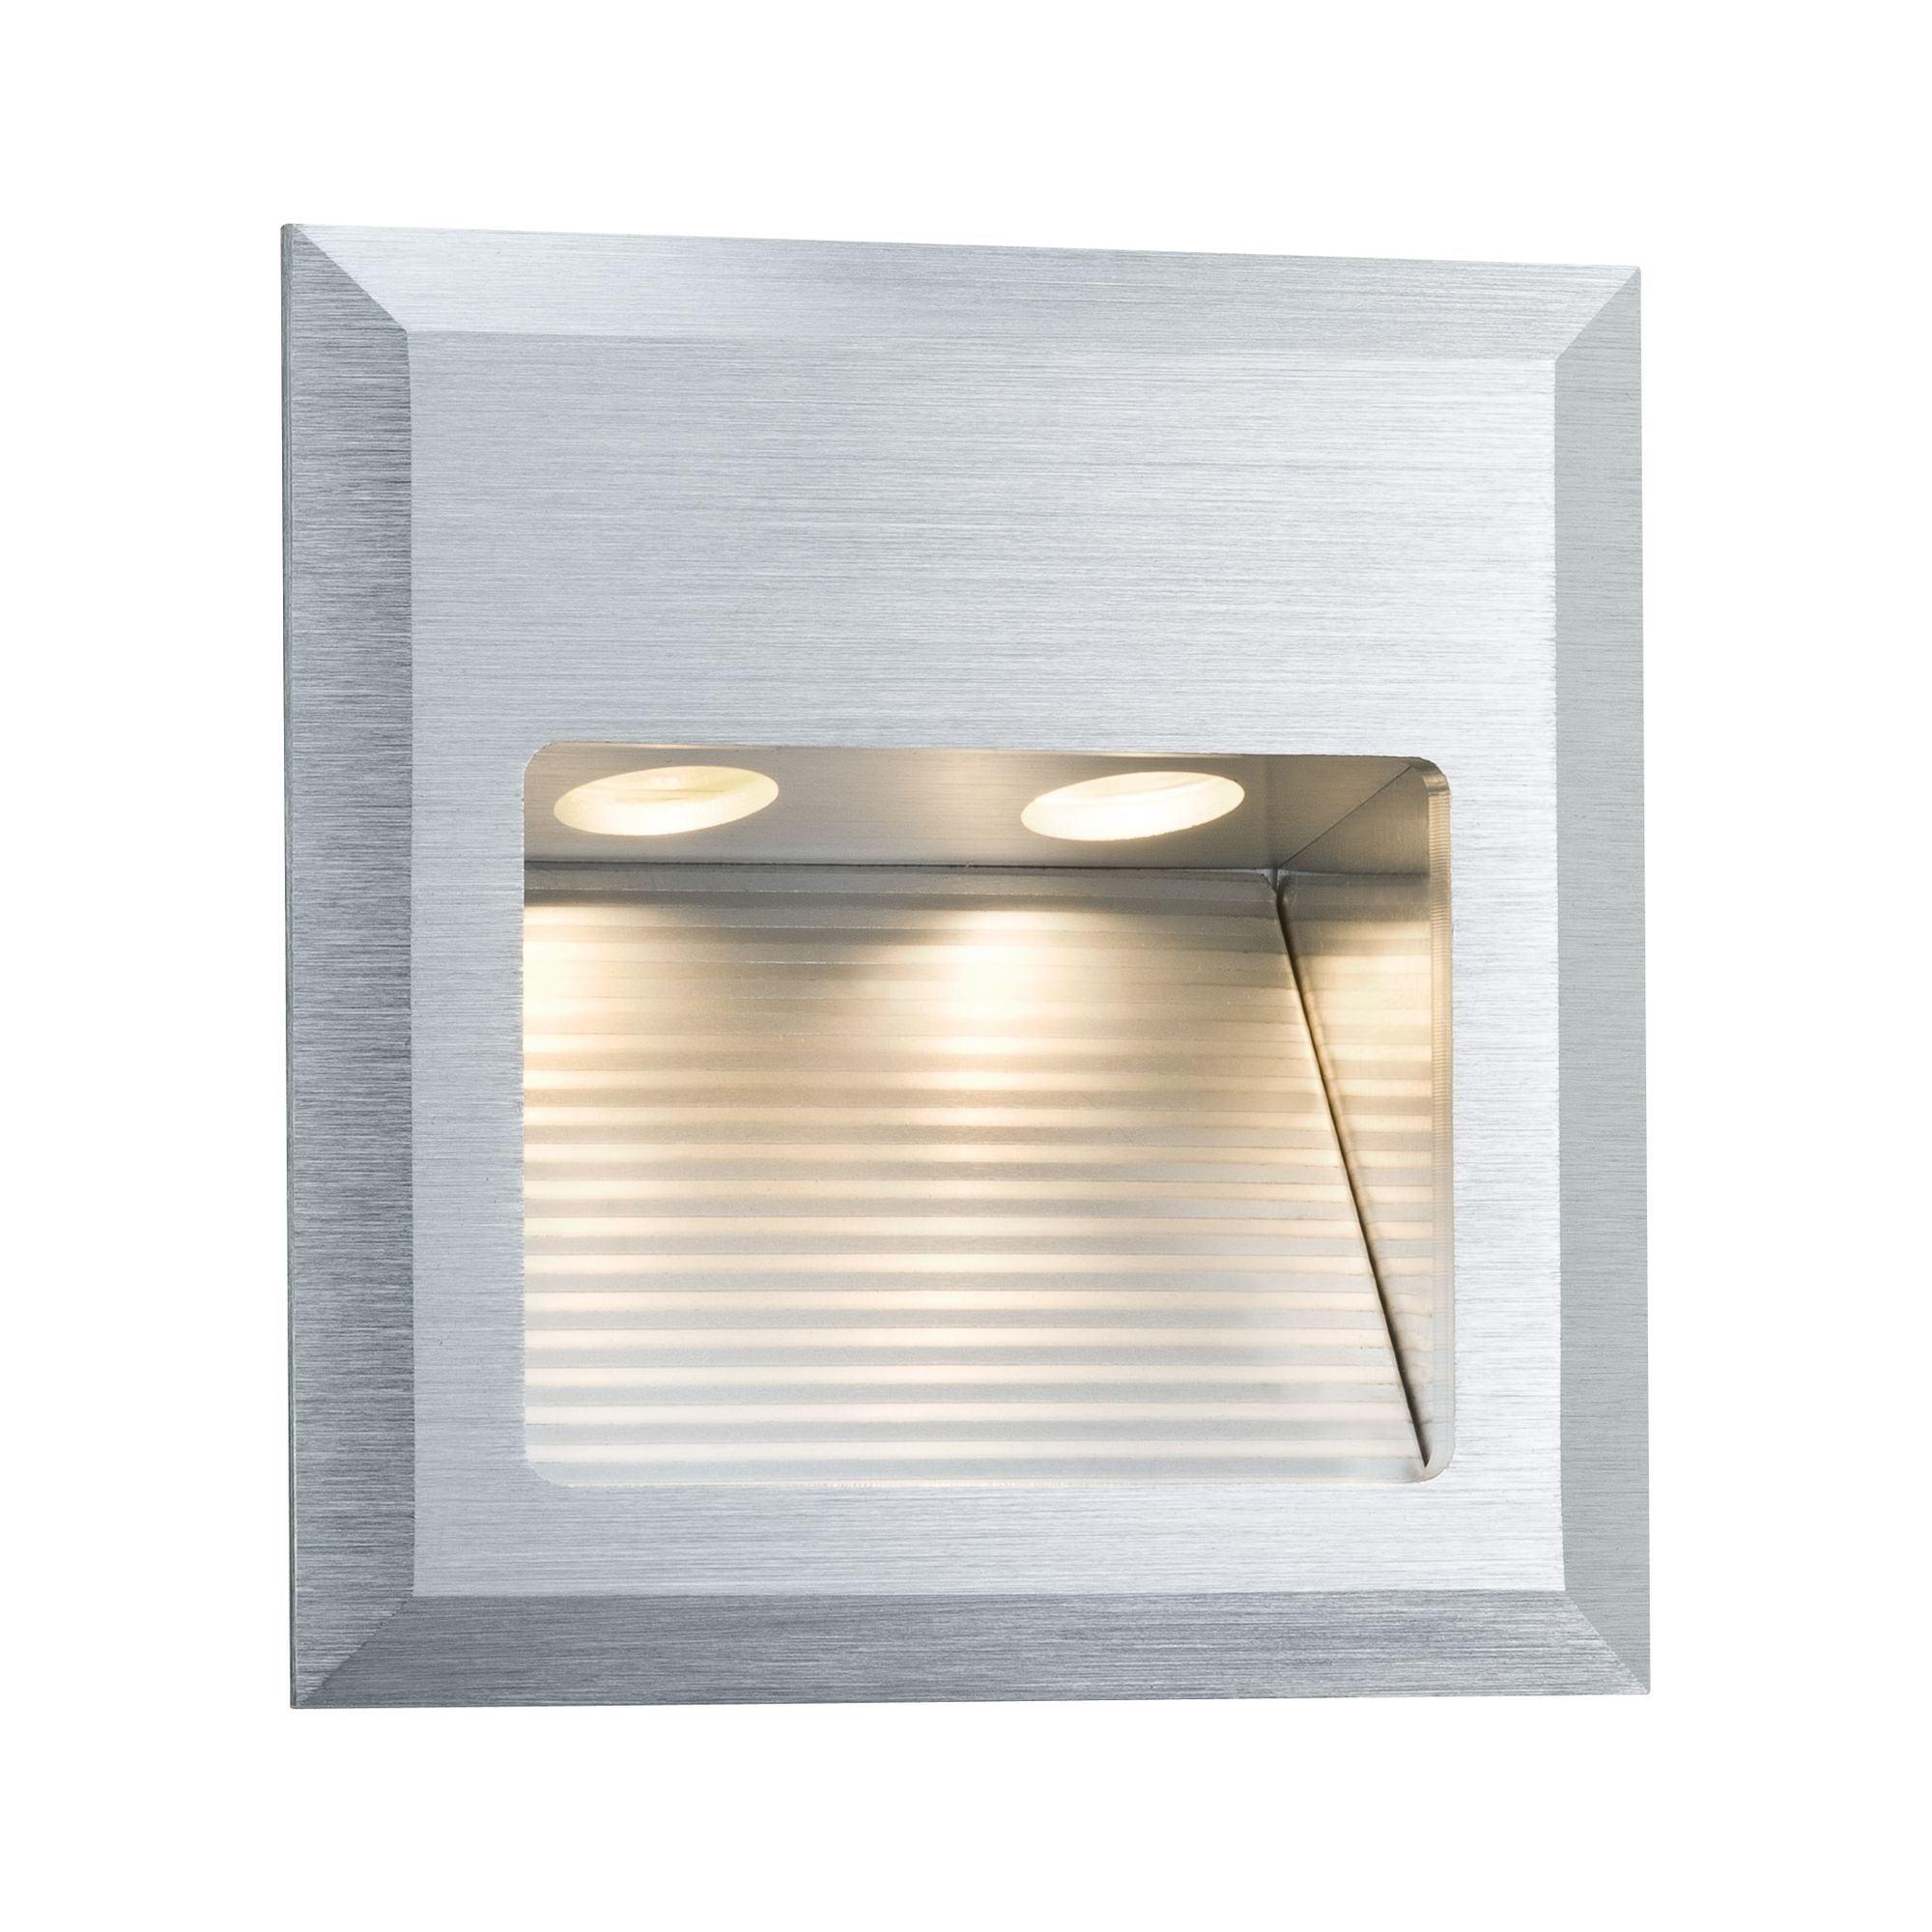 Paulmann LED Wandleuchte Einbau Special Line Quadro Alu gebürstet, 1er Set Alu gebürstet, 1er Set, 1 St., Warmweiß